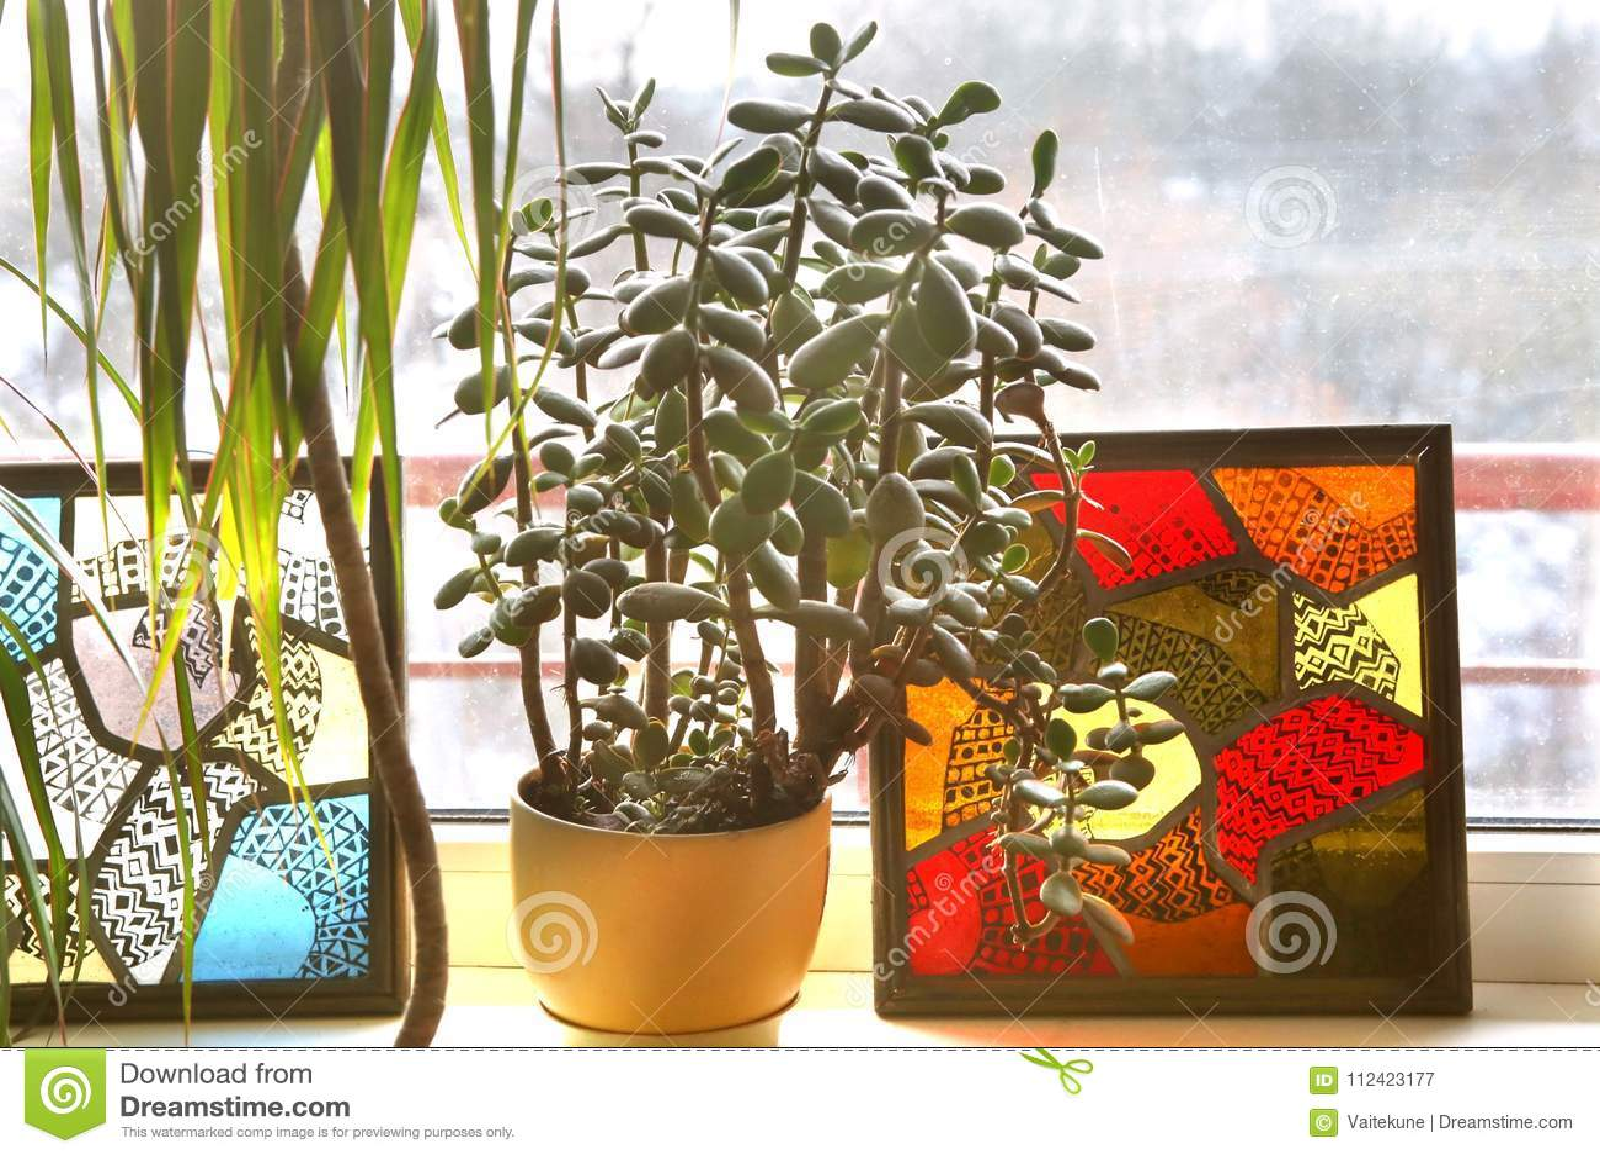 Albero Della Fortuna Pianta pianta della giada sul davanzale immagine stock - immagine